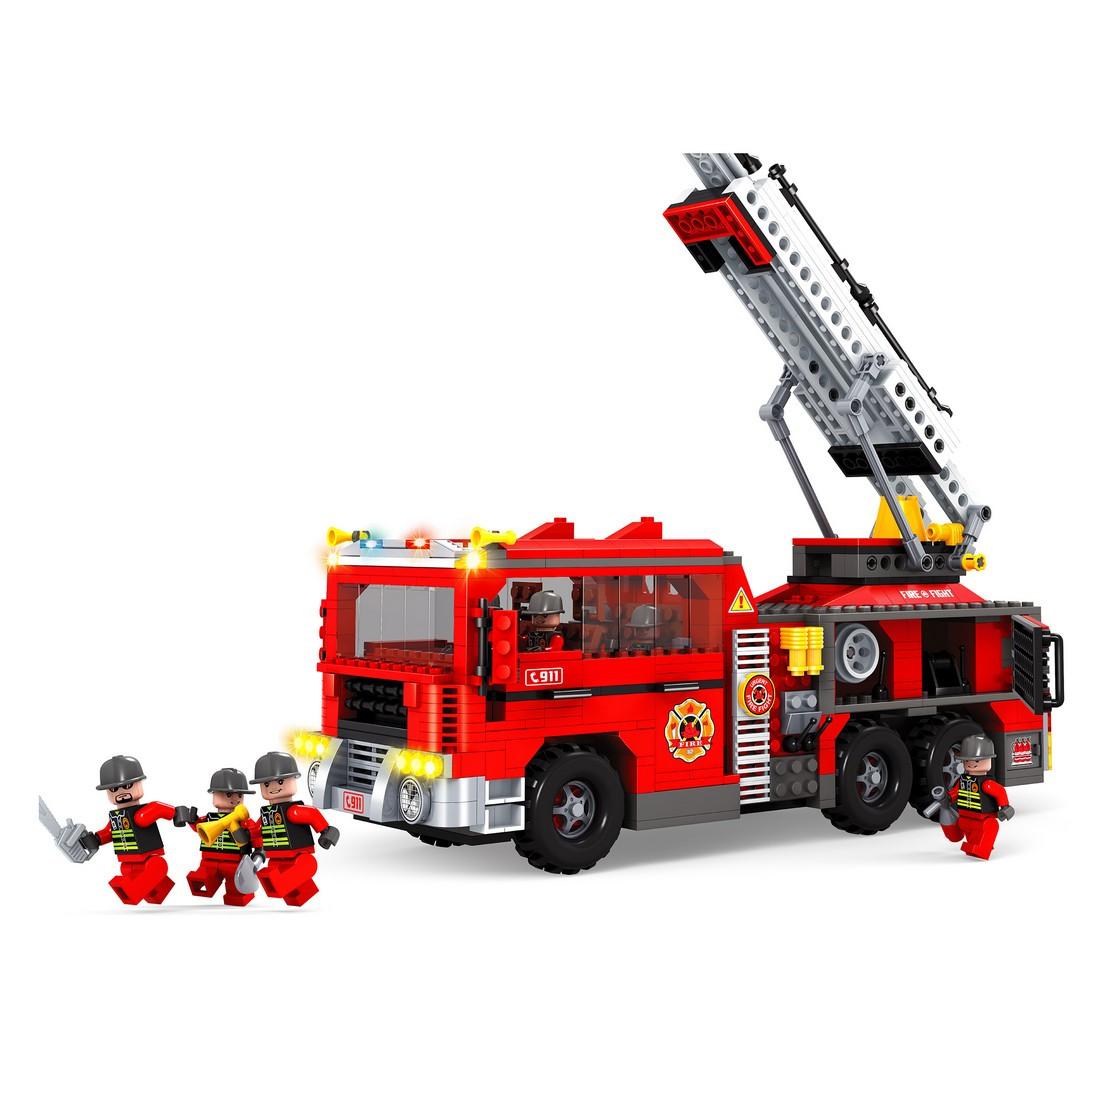 Игровой конструктор, Ausini, 21702, Пожарная бригада